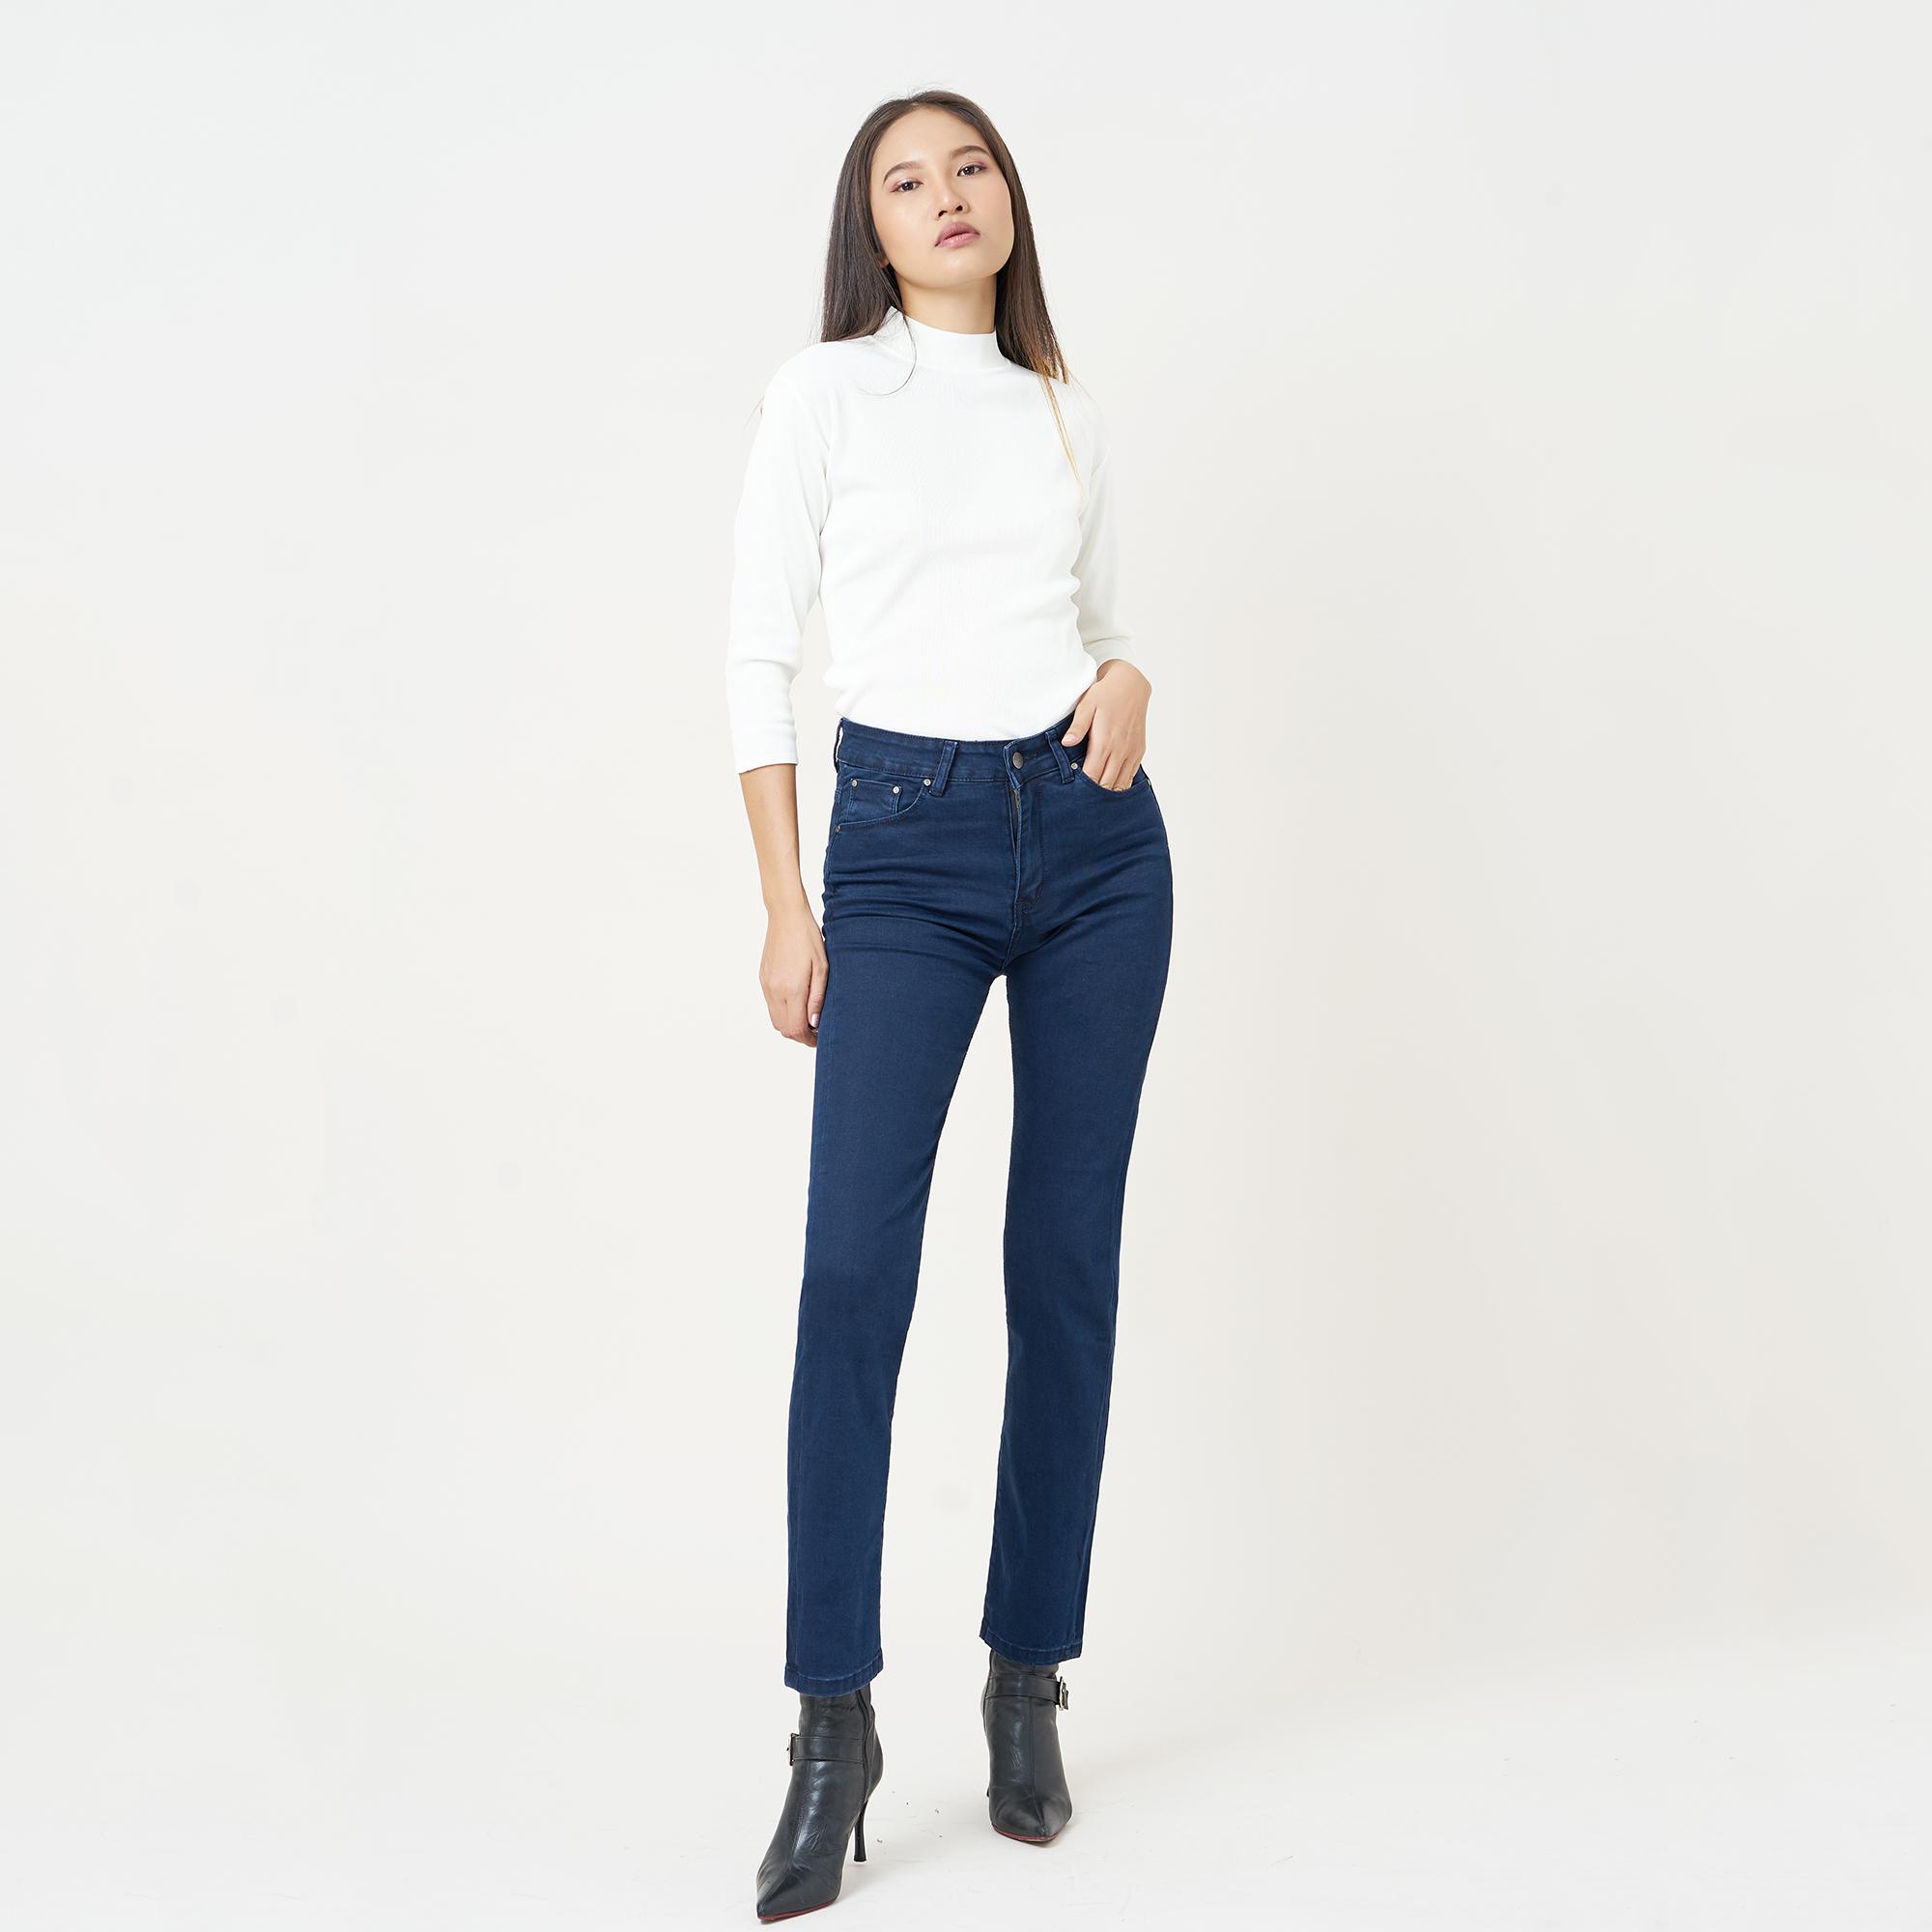 Quần Jean Nữ Ống Đứng Lưng Cao Aaa Jeans Có Nhiều Màu Size 26 - 32 6